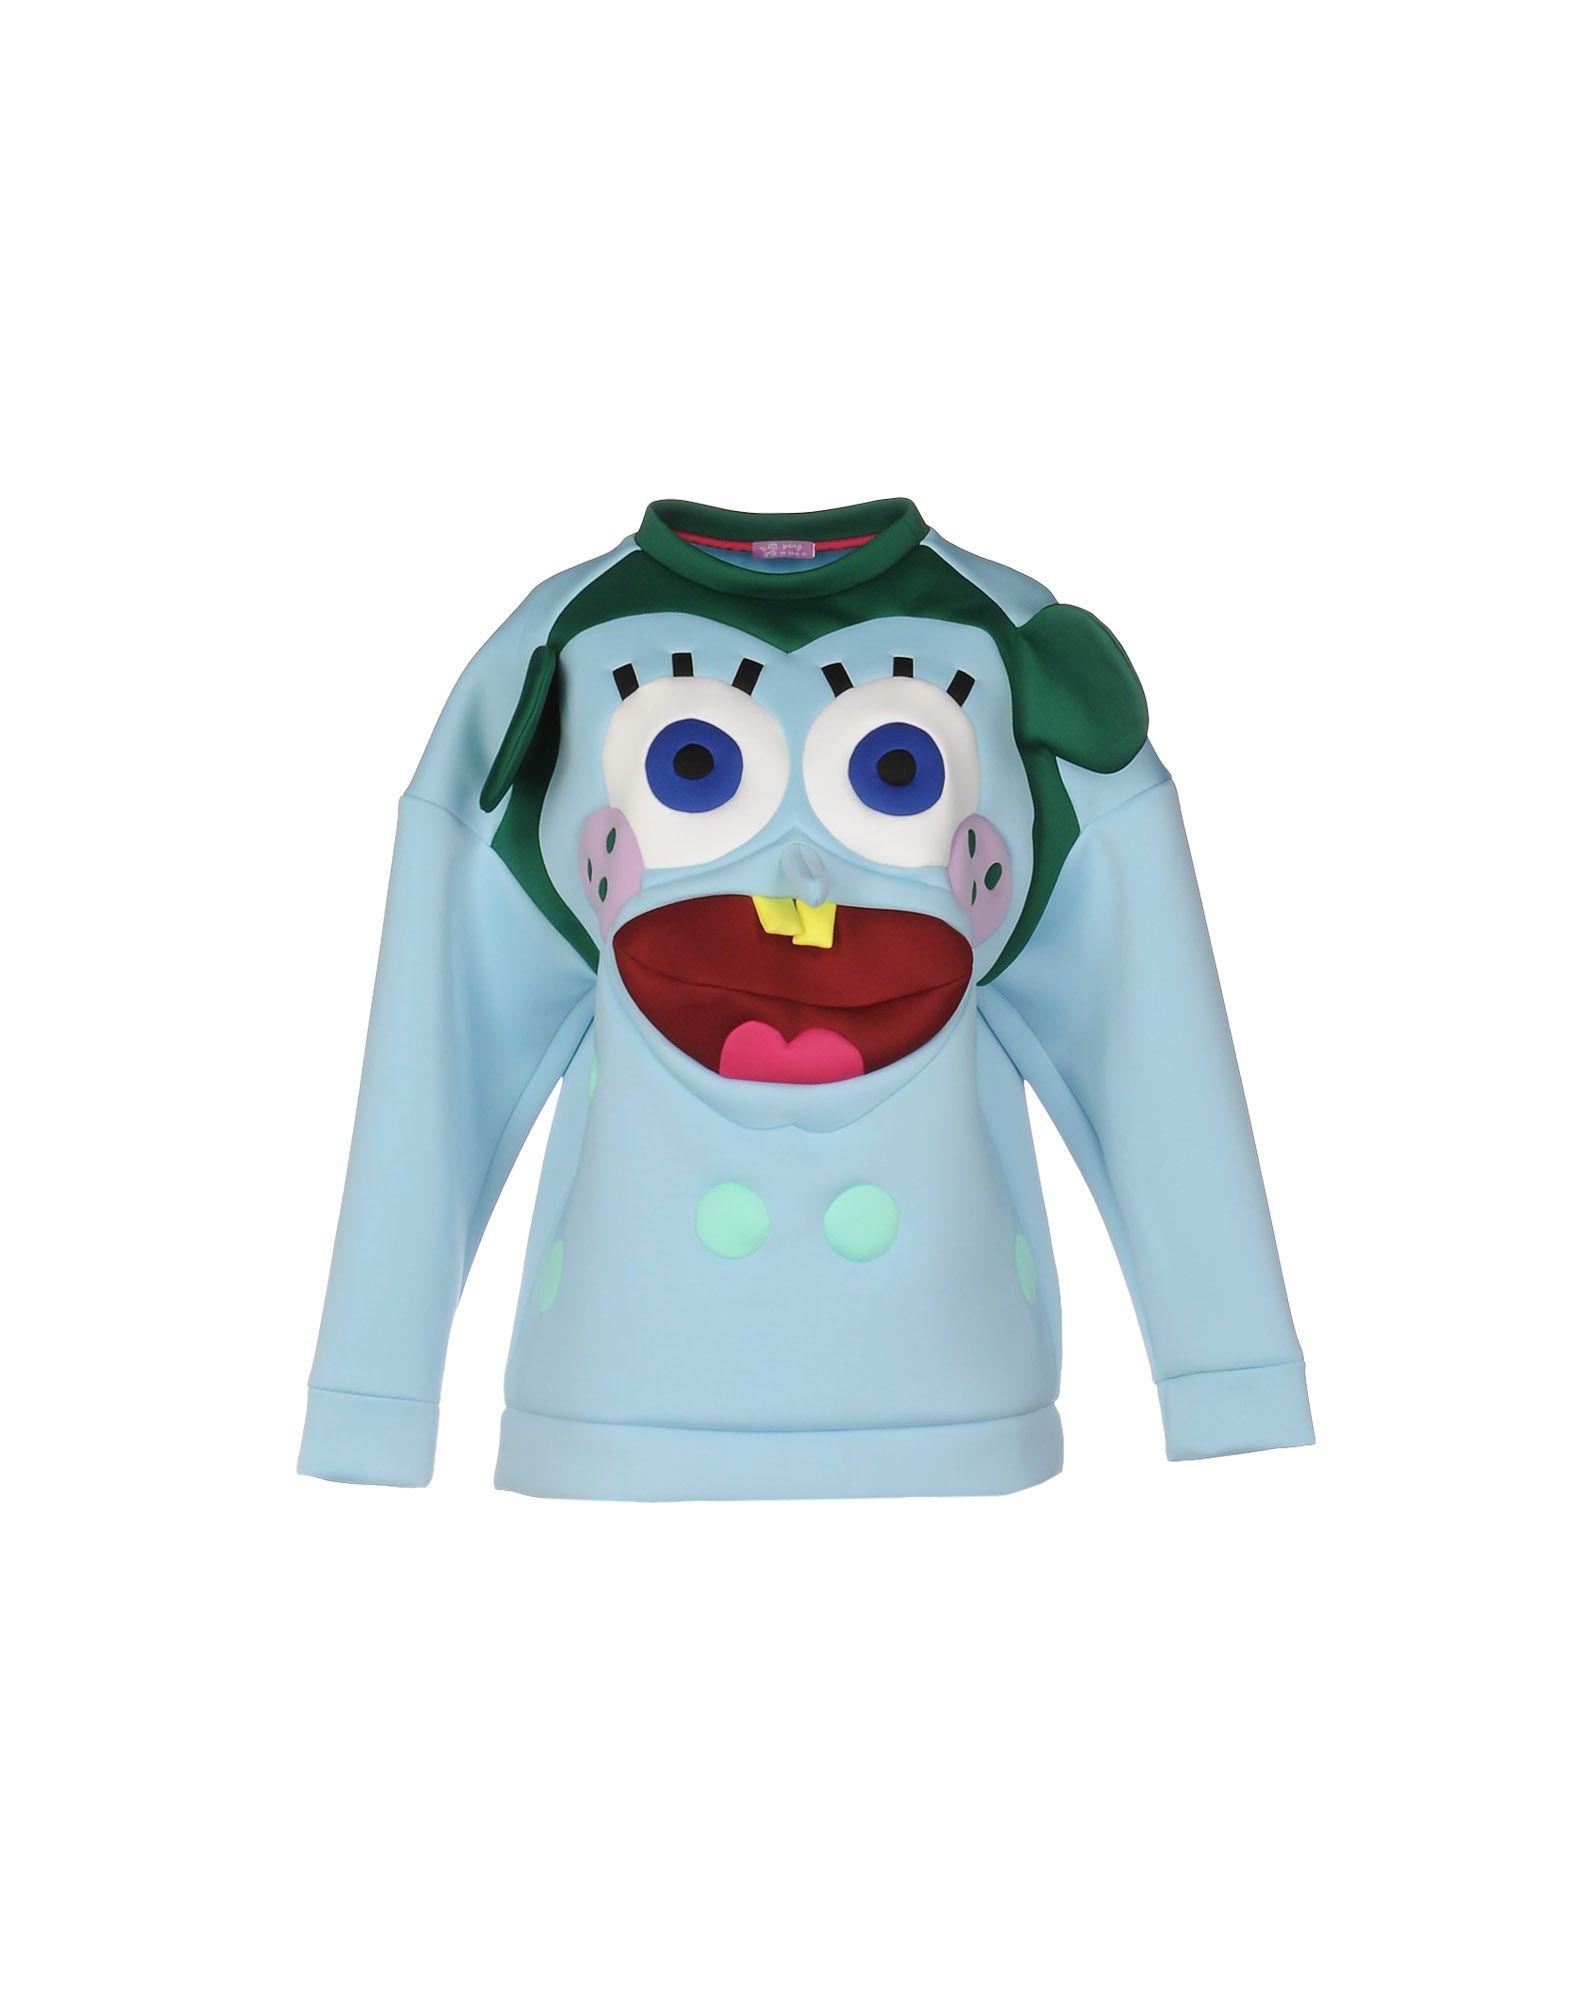 YANG DU Sweatshirt in Sky Blue